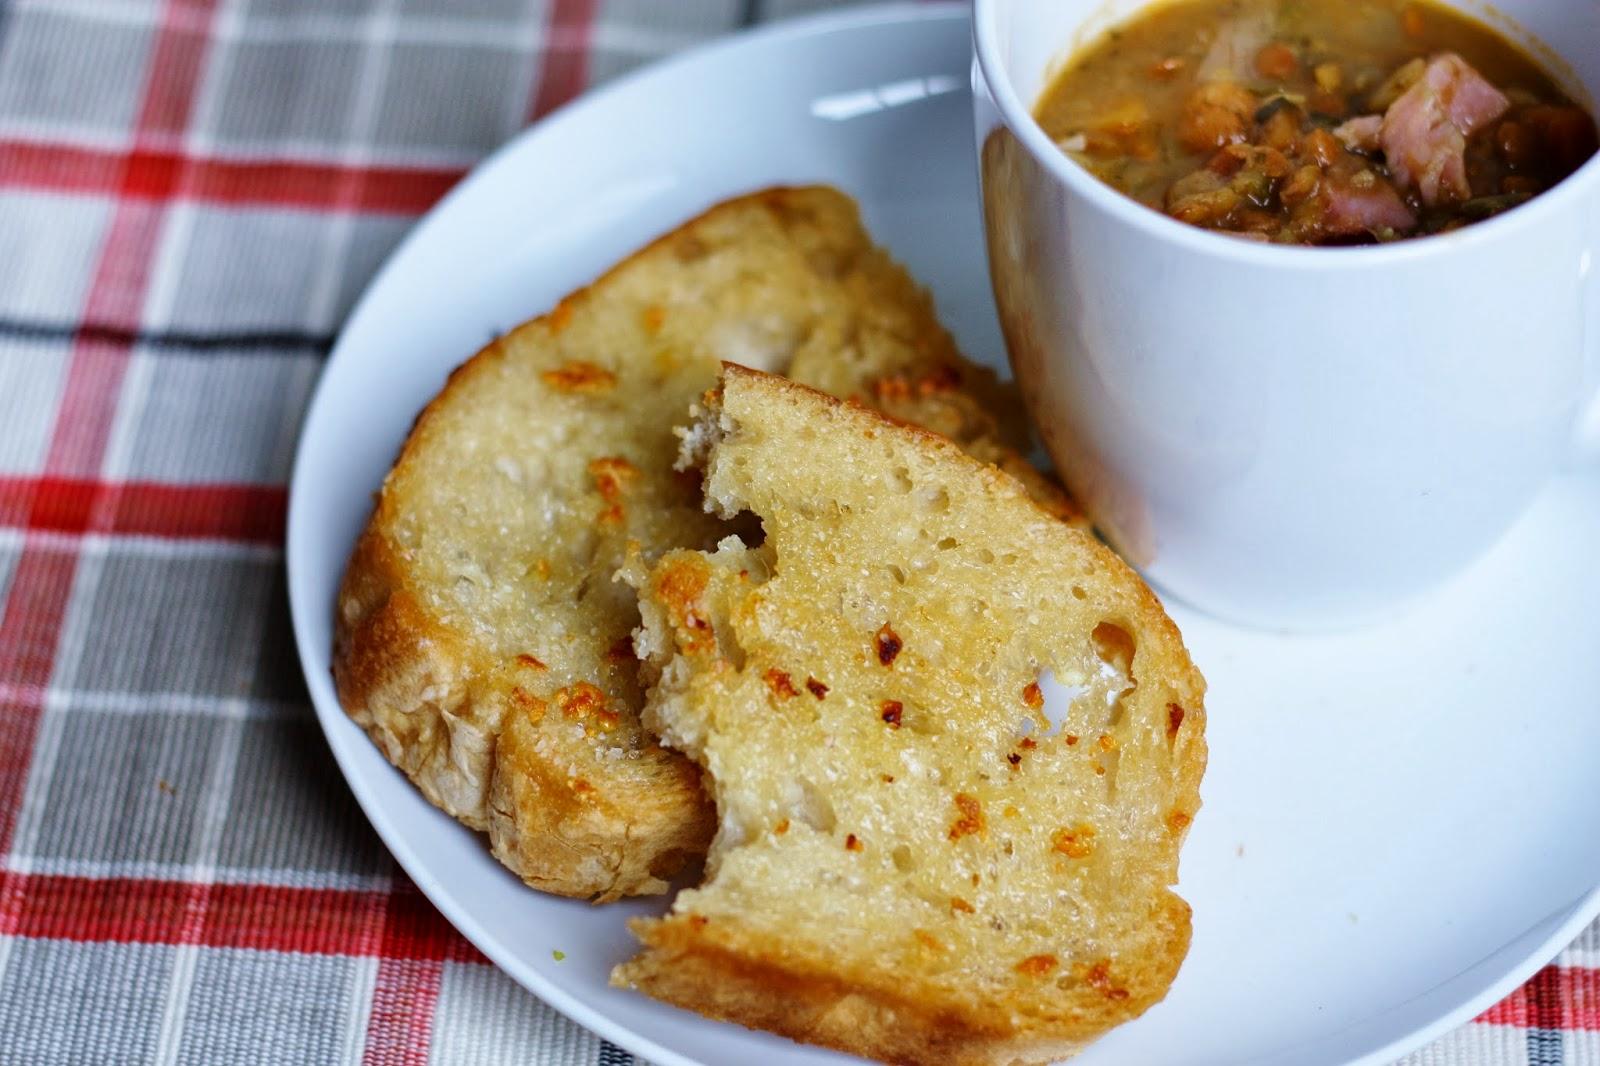 eats and beats: 2 Ways to Make Stovetop Garlic Bread